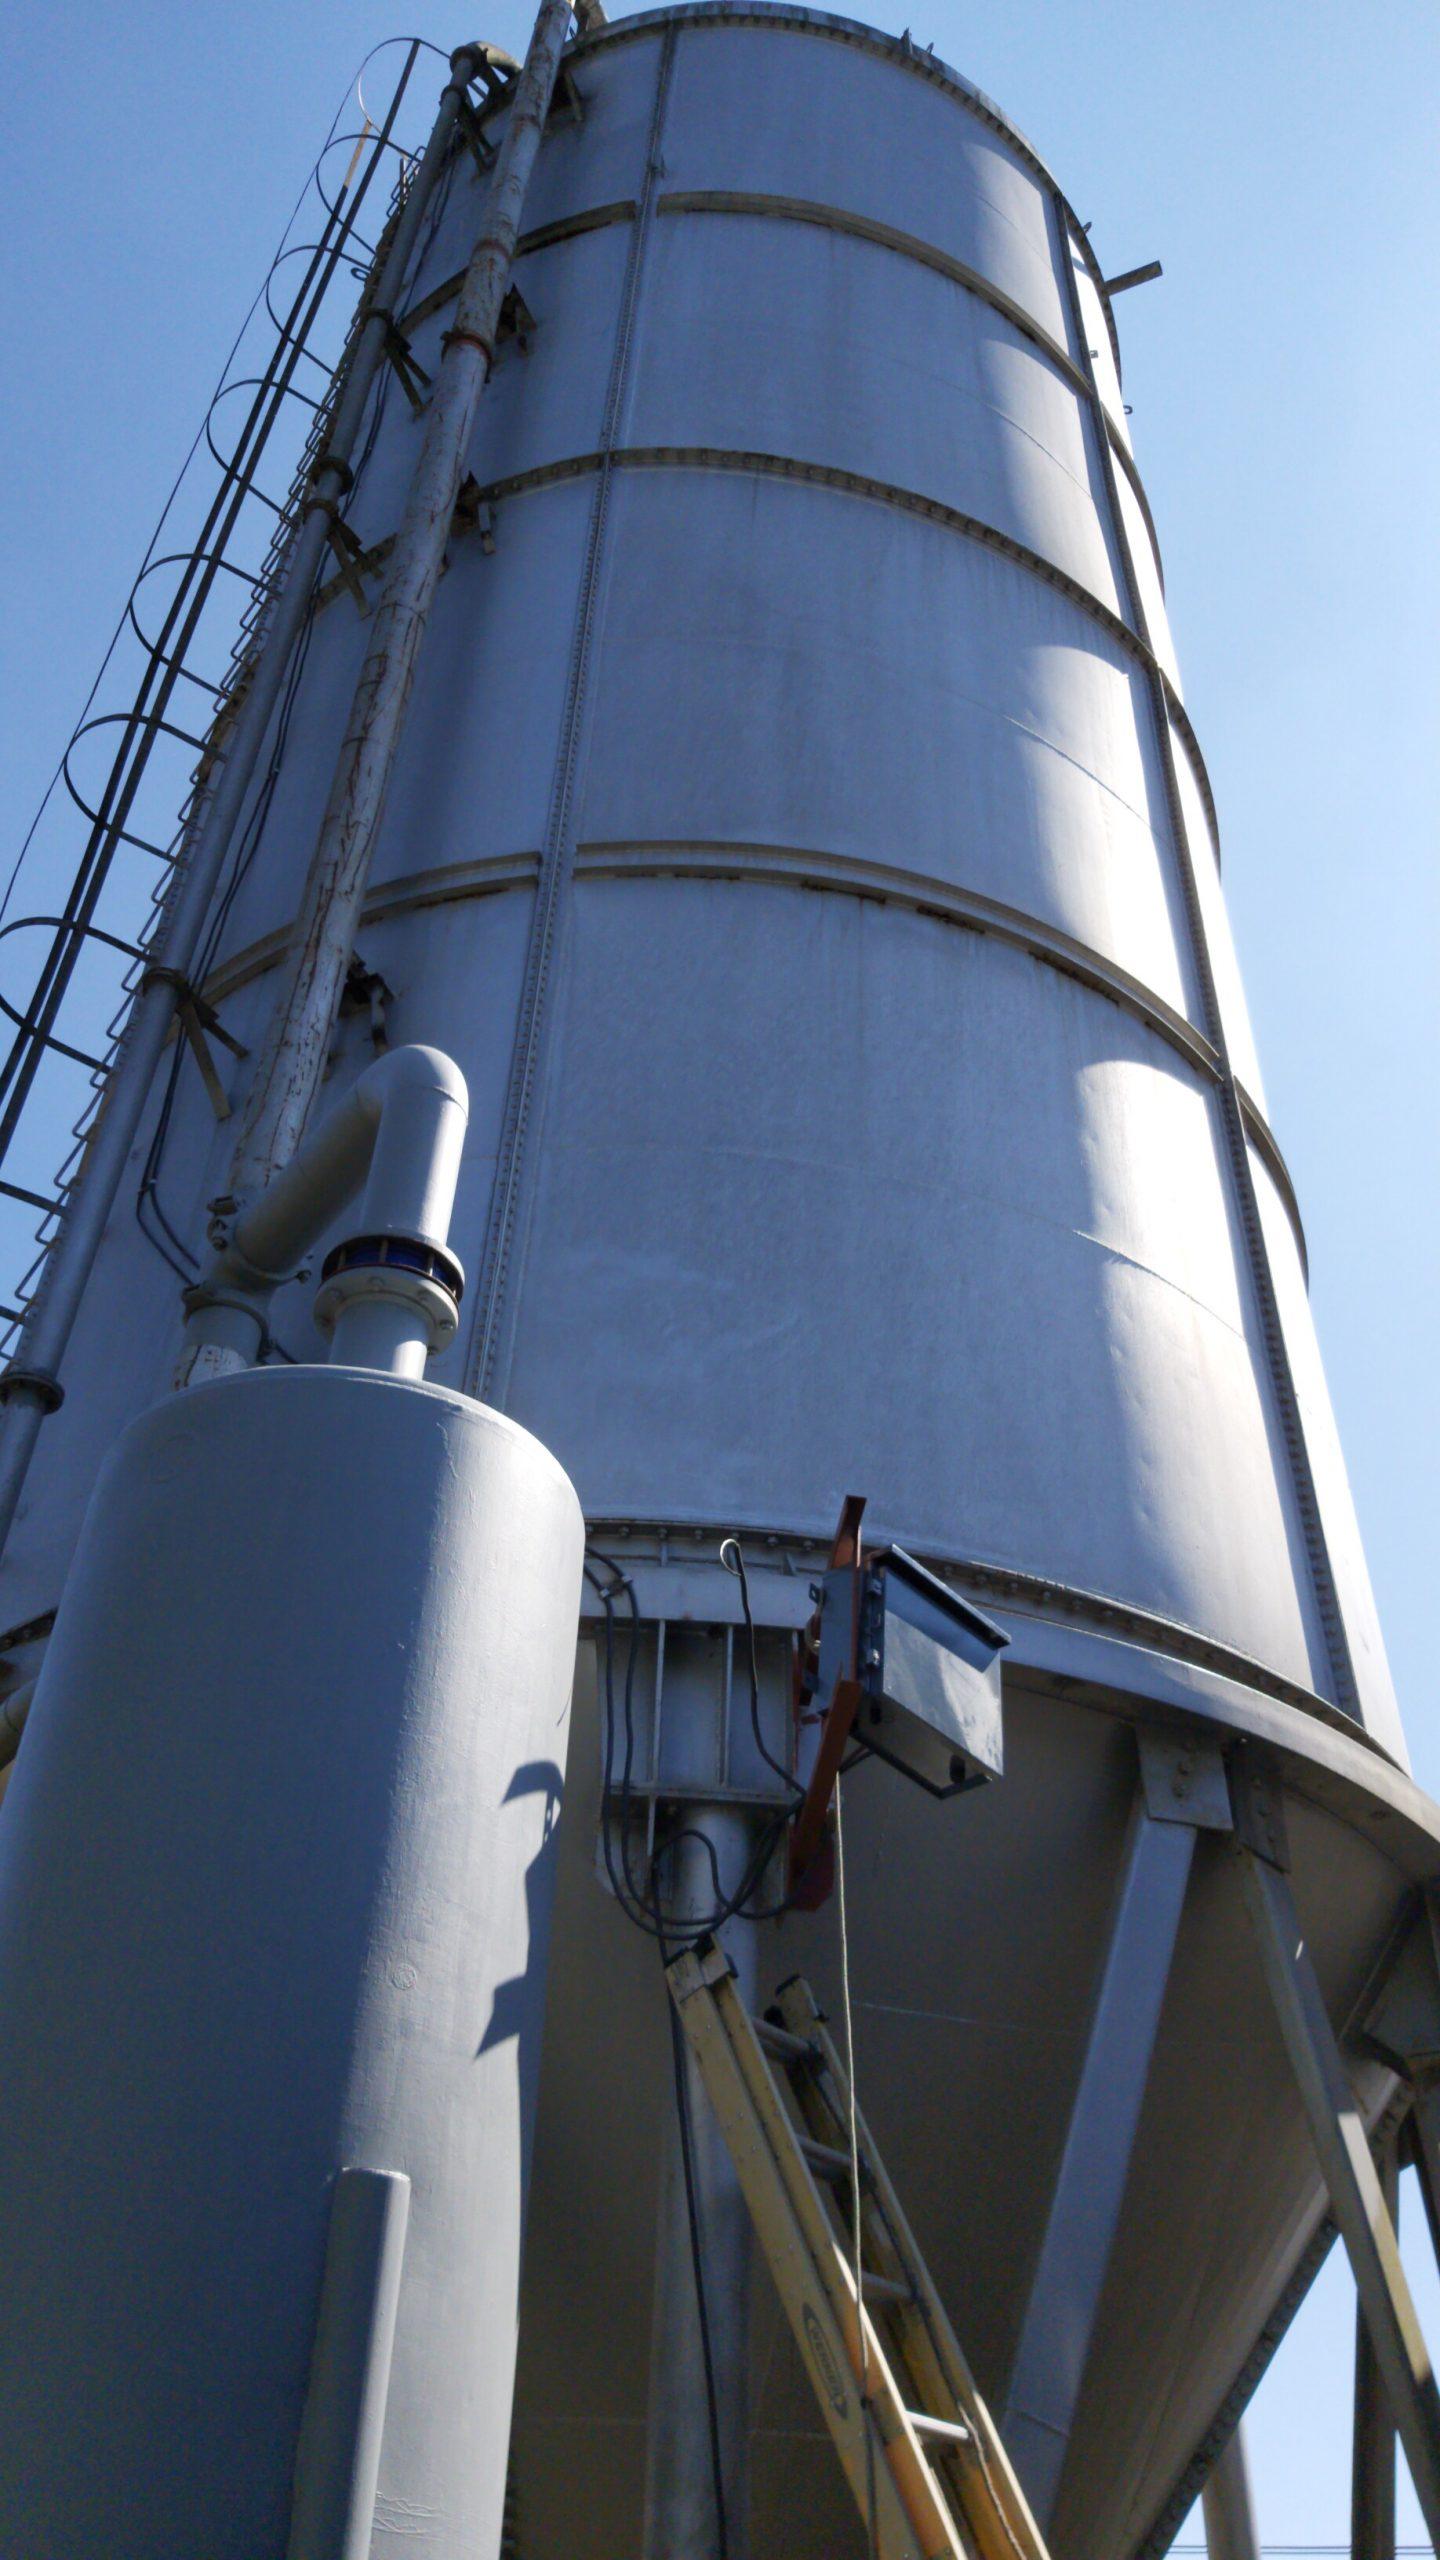 https://www.advanticsys.com/wp-content/uploads/2020/11/Guatemala_Water-tank-monitoring-2-scaled.jpeg